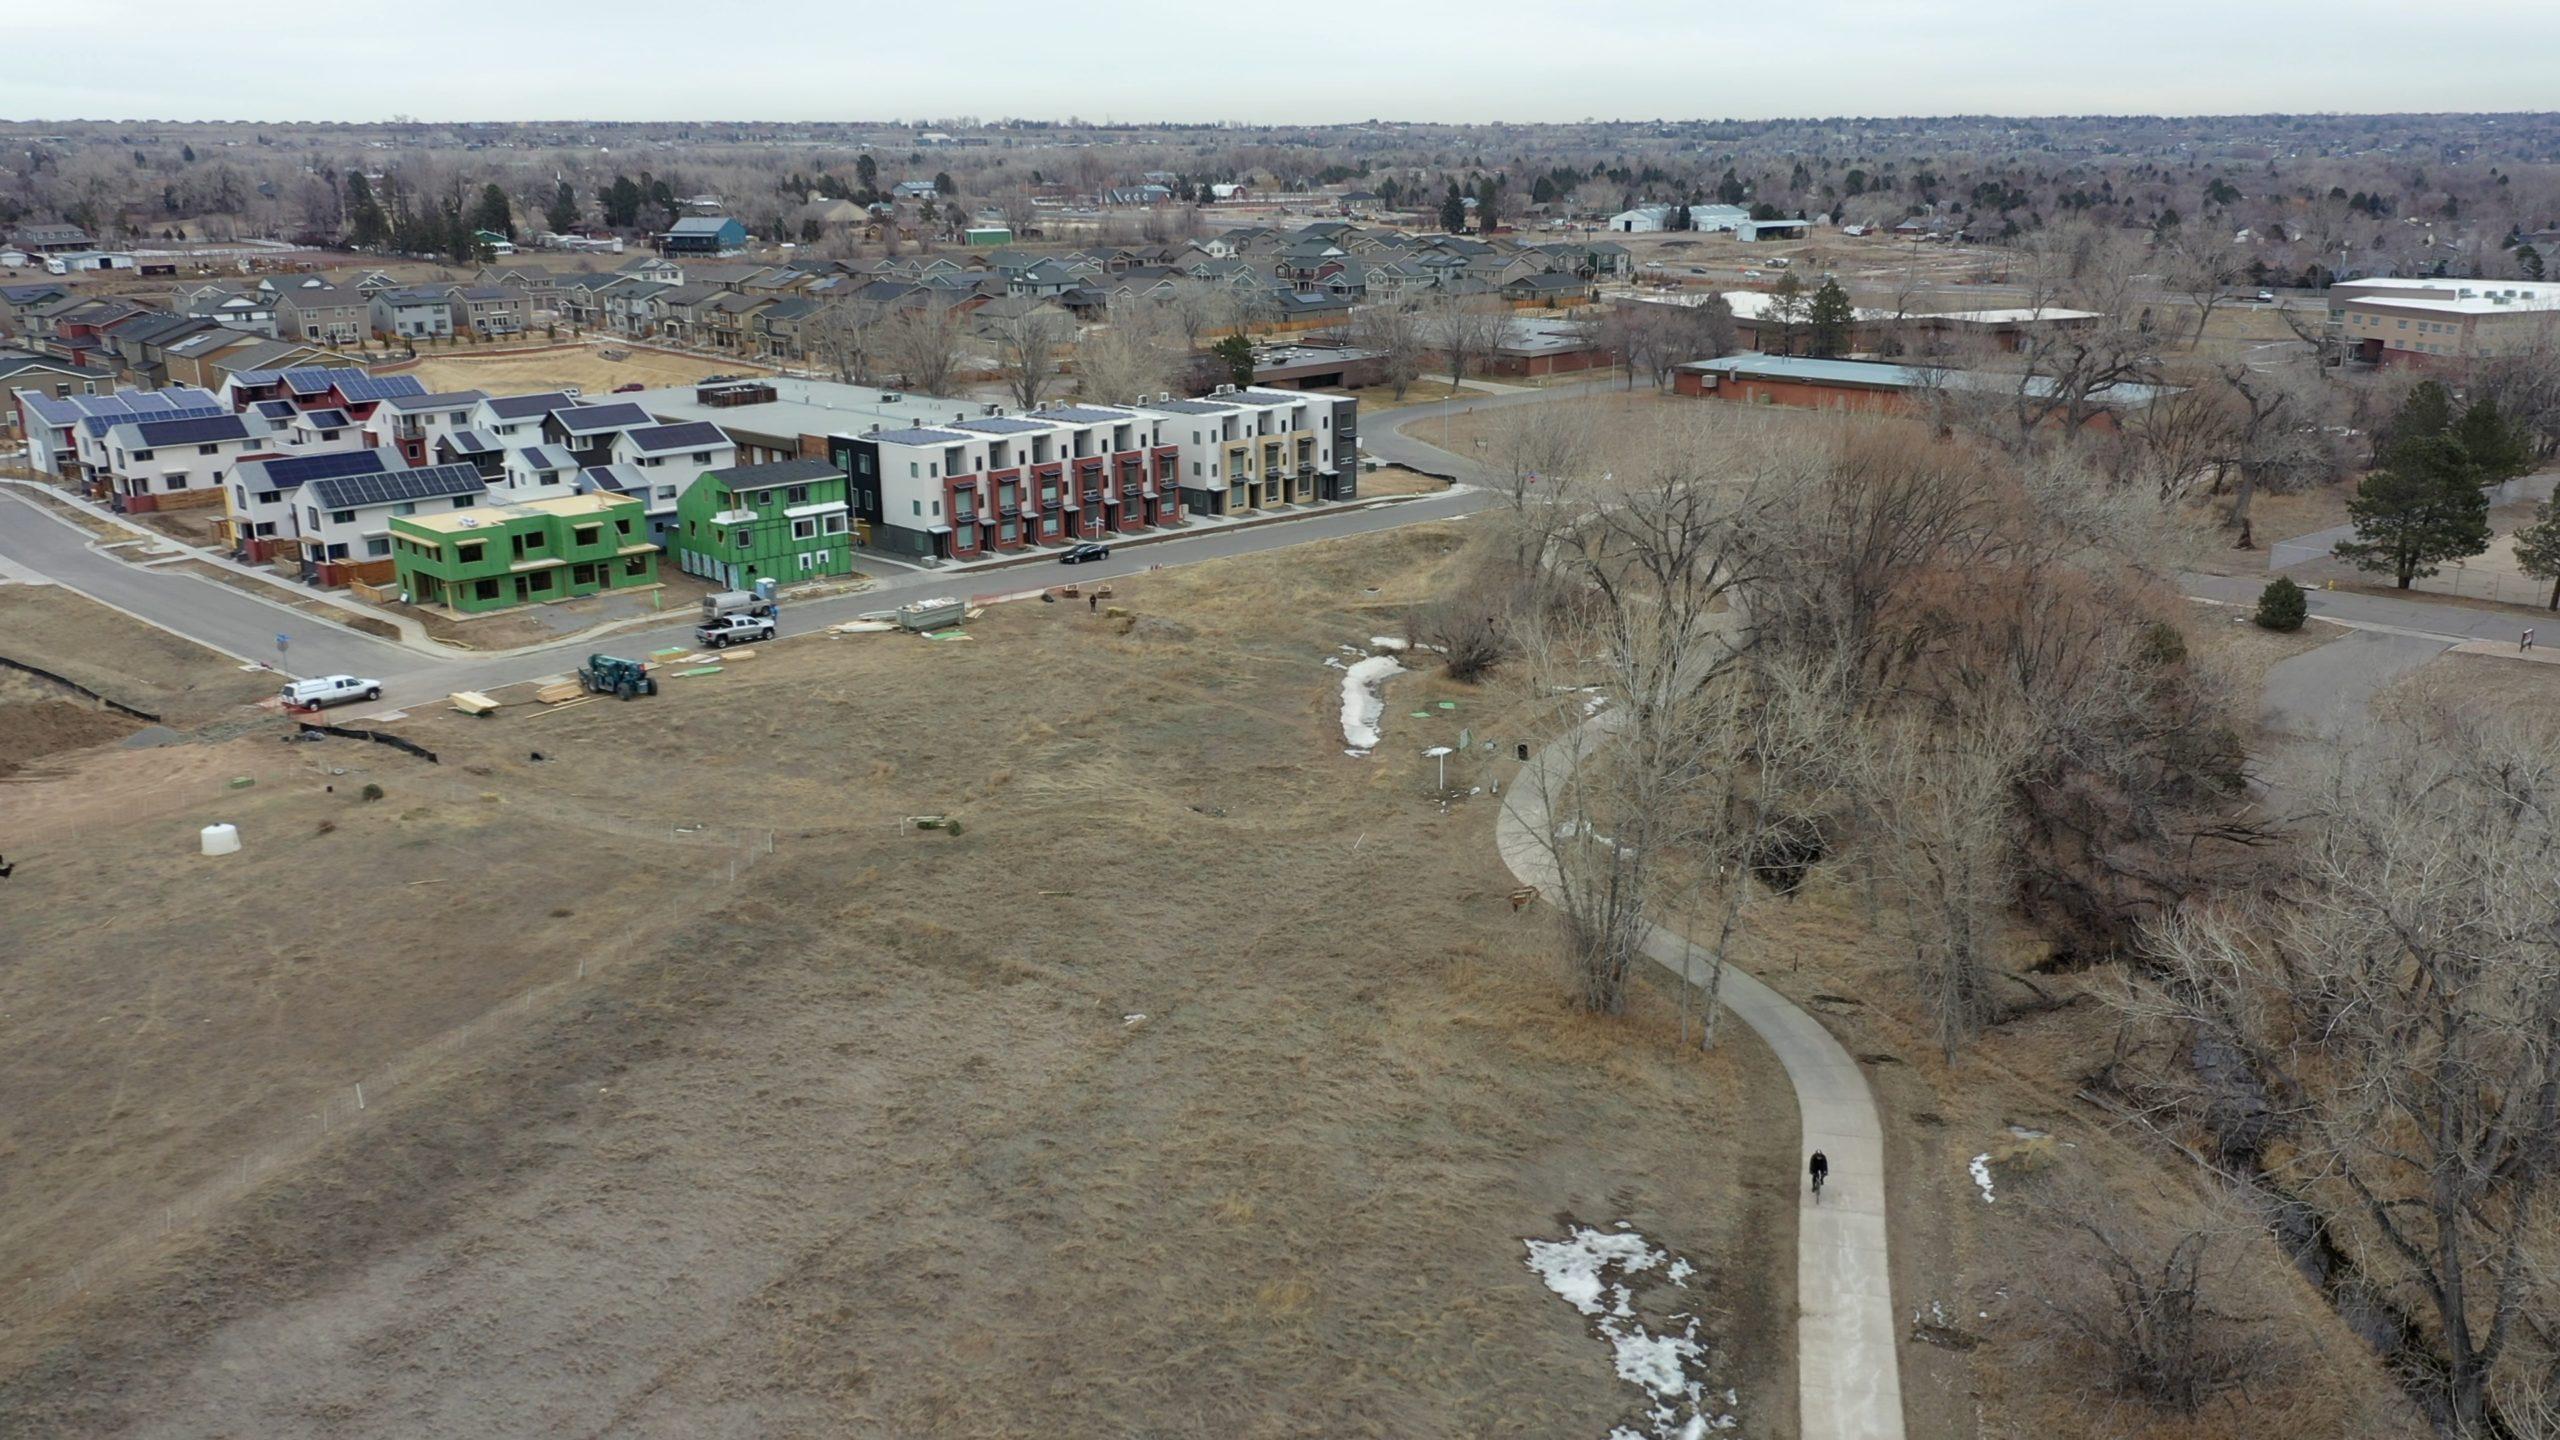 Aerial View of Geos Neighborhood